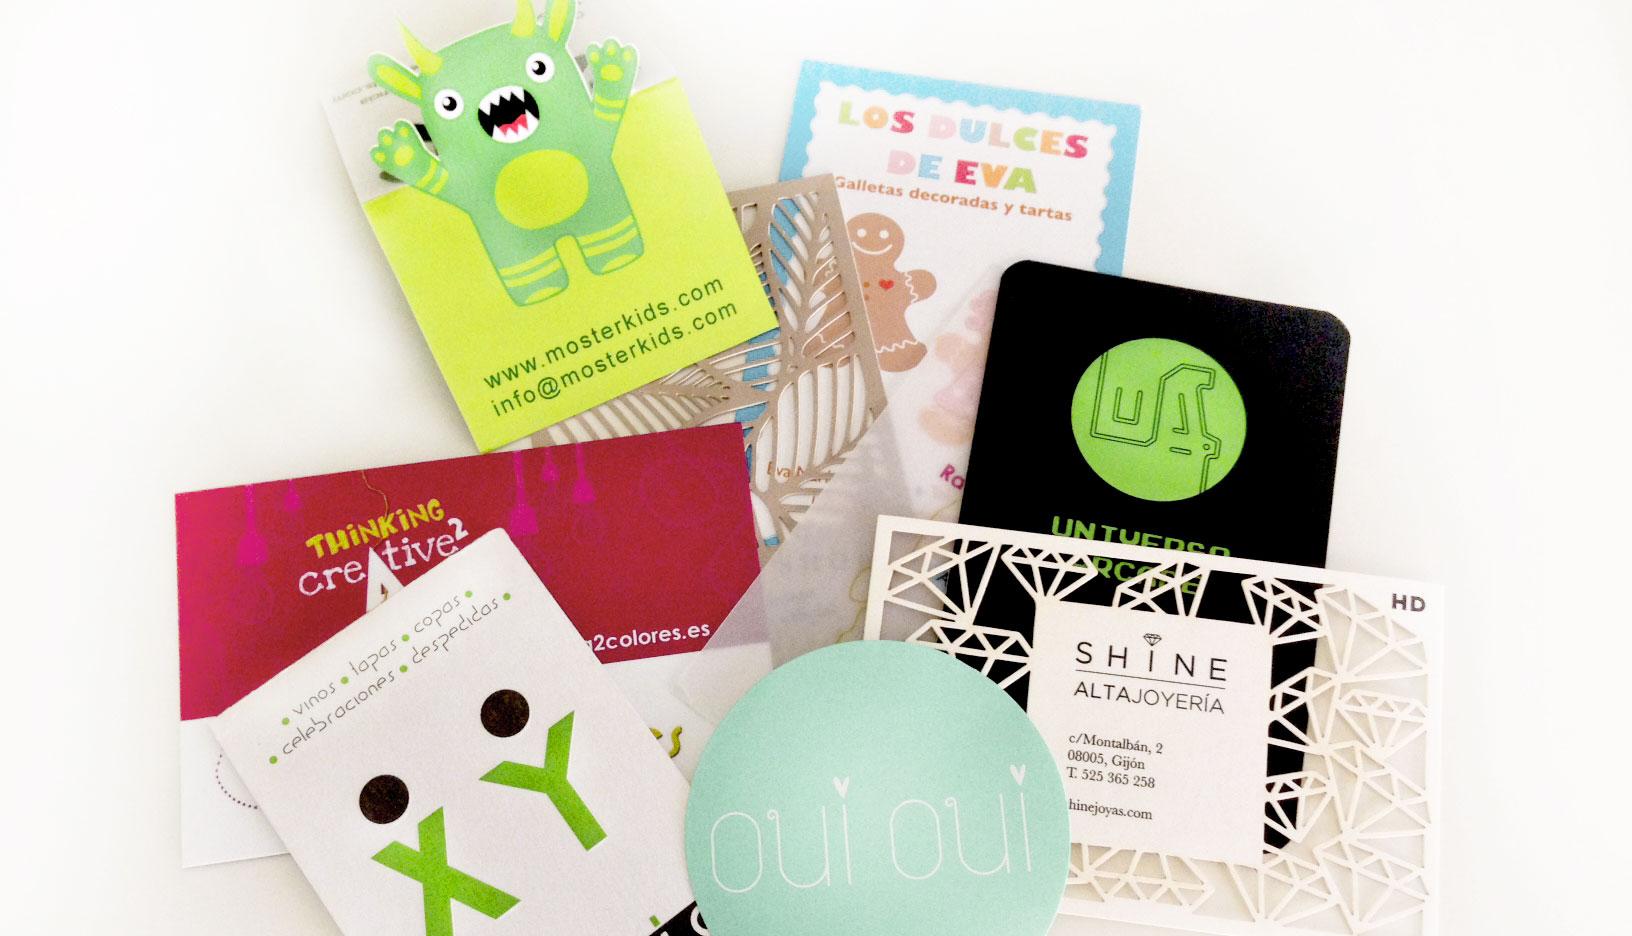 Diferentes diseños de tarjetas de visita en A2colores